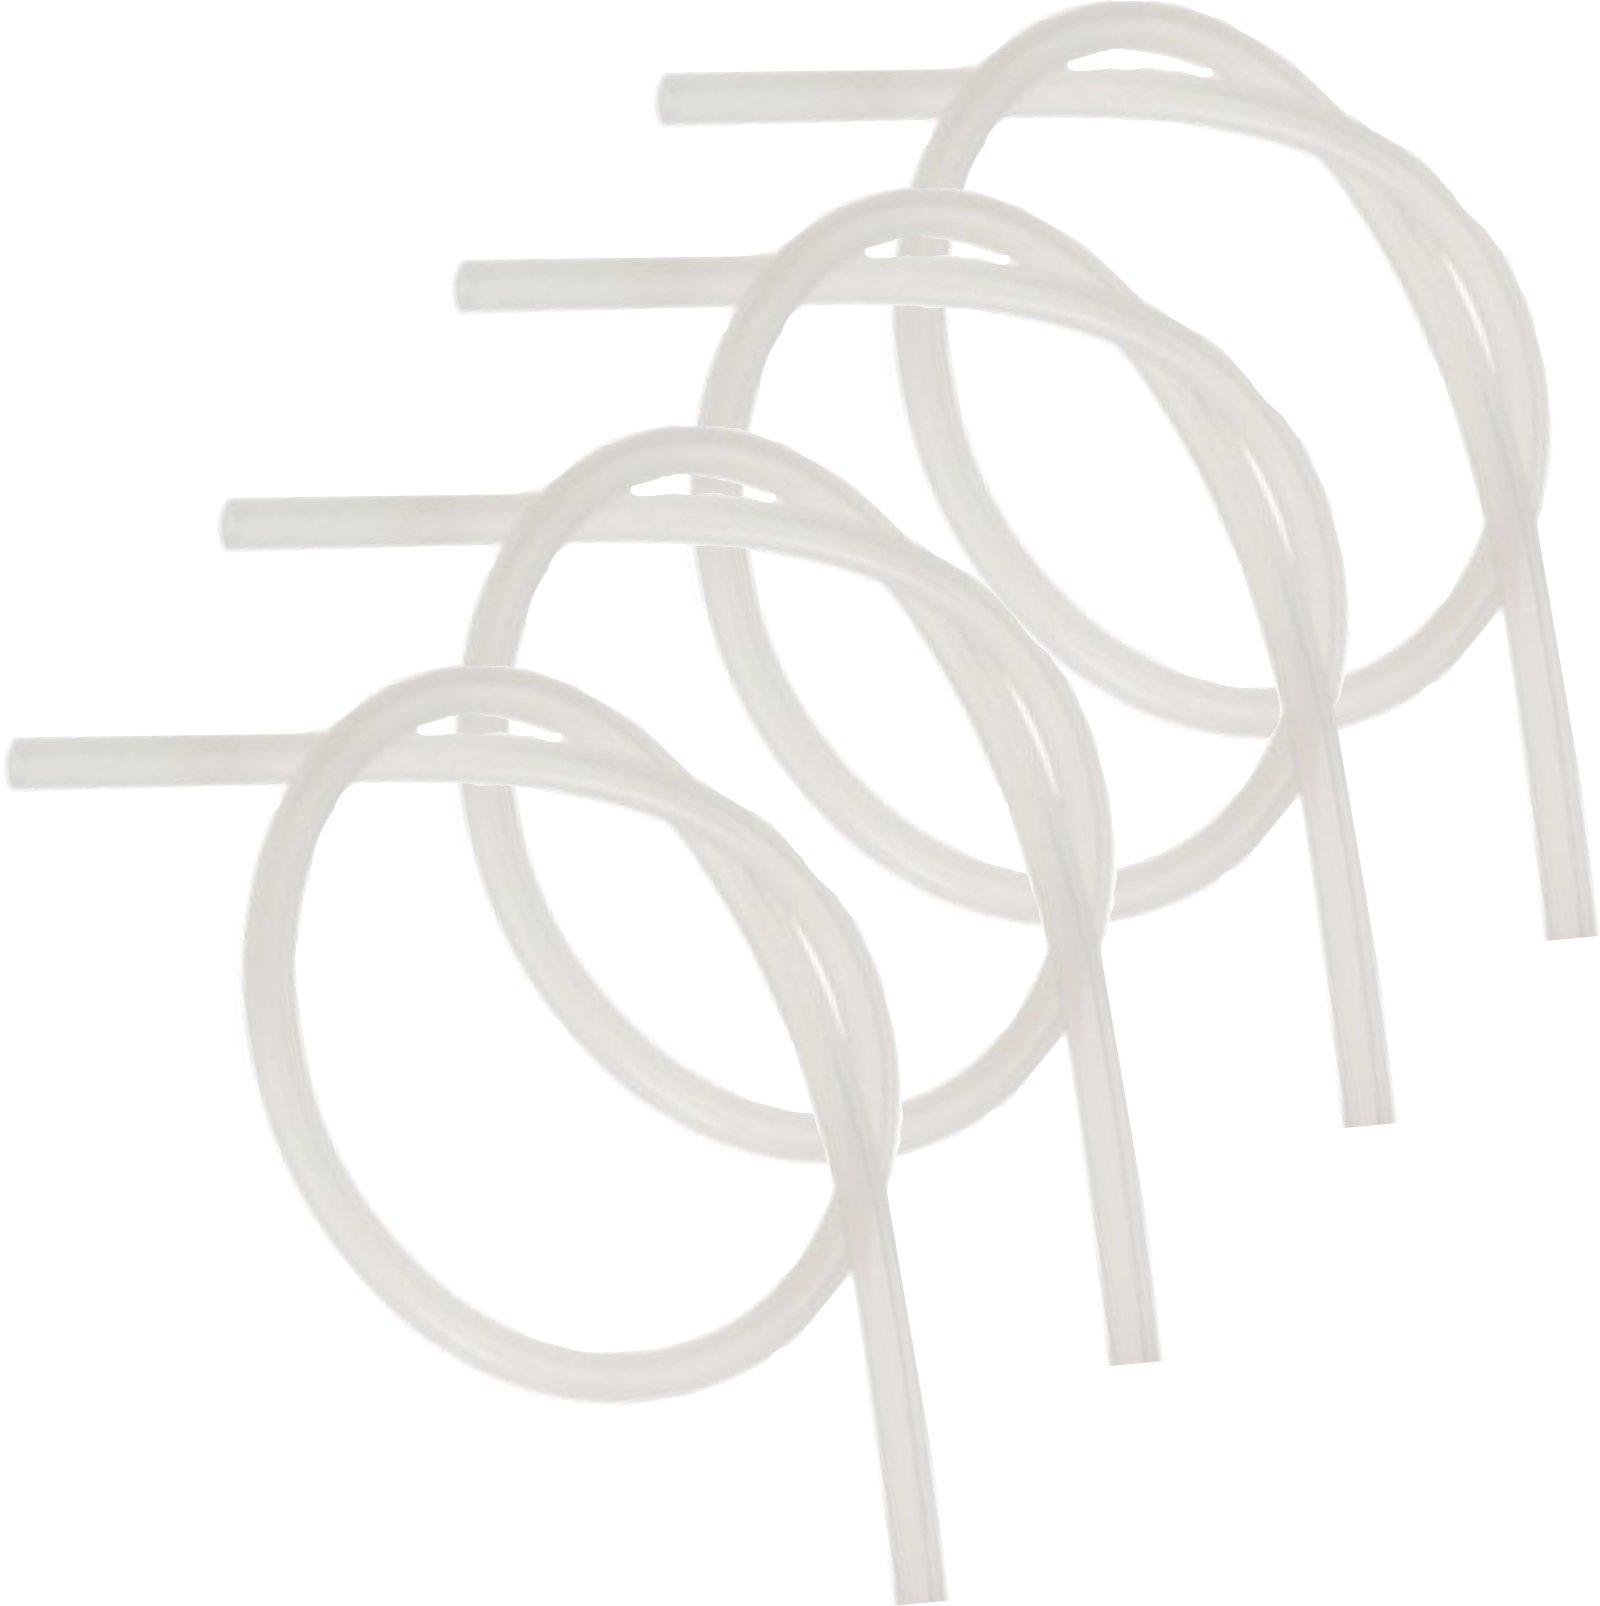 Zubehr-Set-mit-Milchschlauch-passend-fr-Siemens-Surpresso-Aufschumer